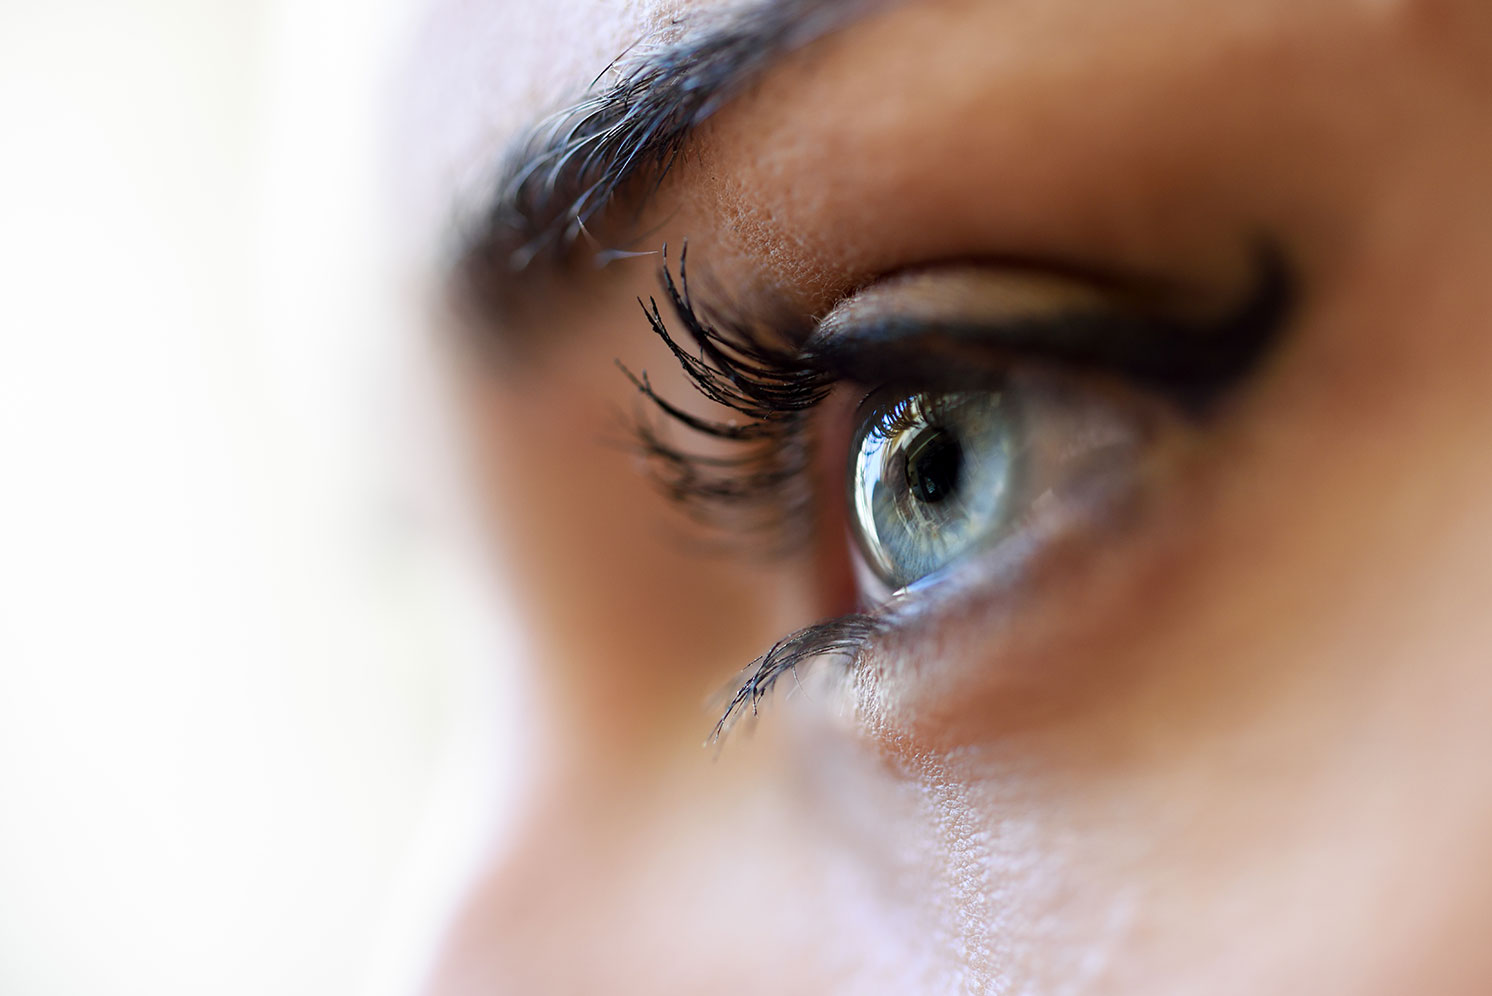 Как избавиться от синяков и мешков под глазами?